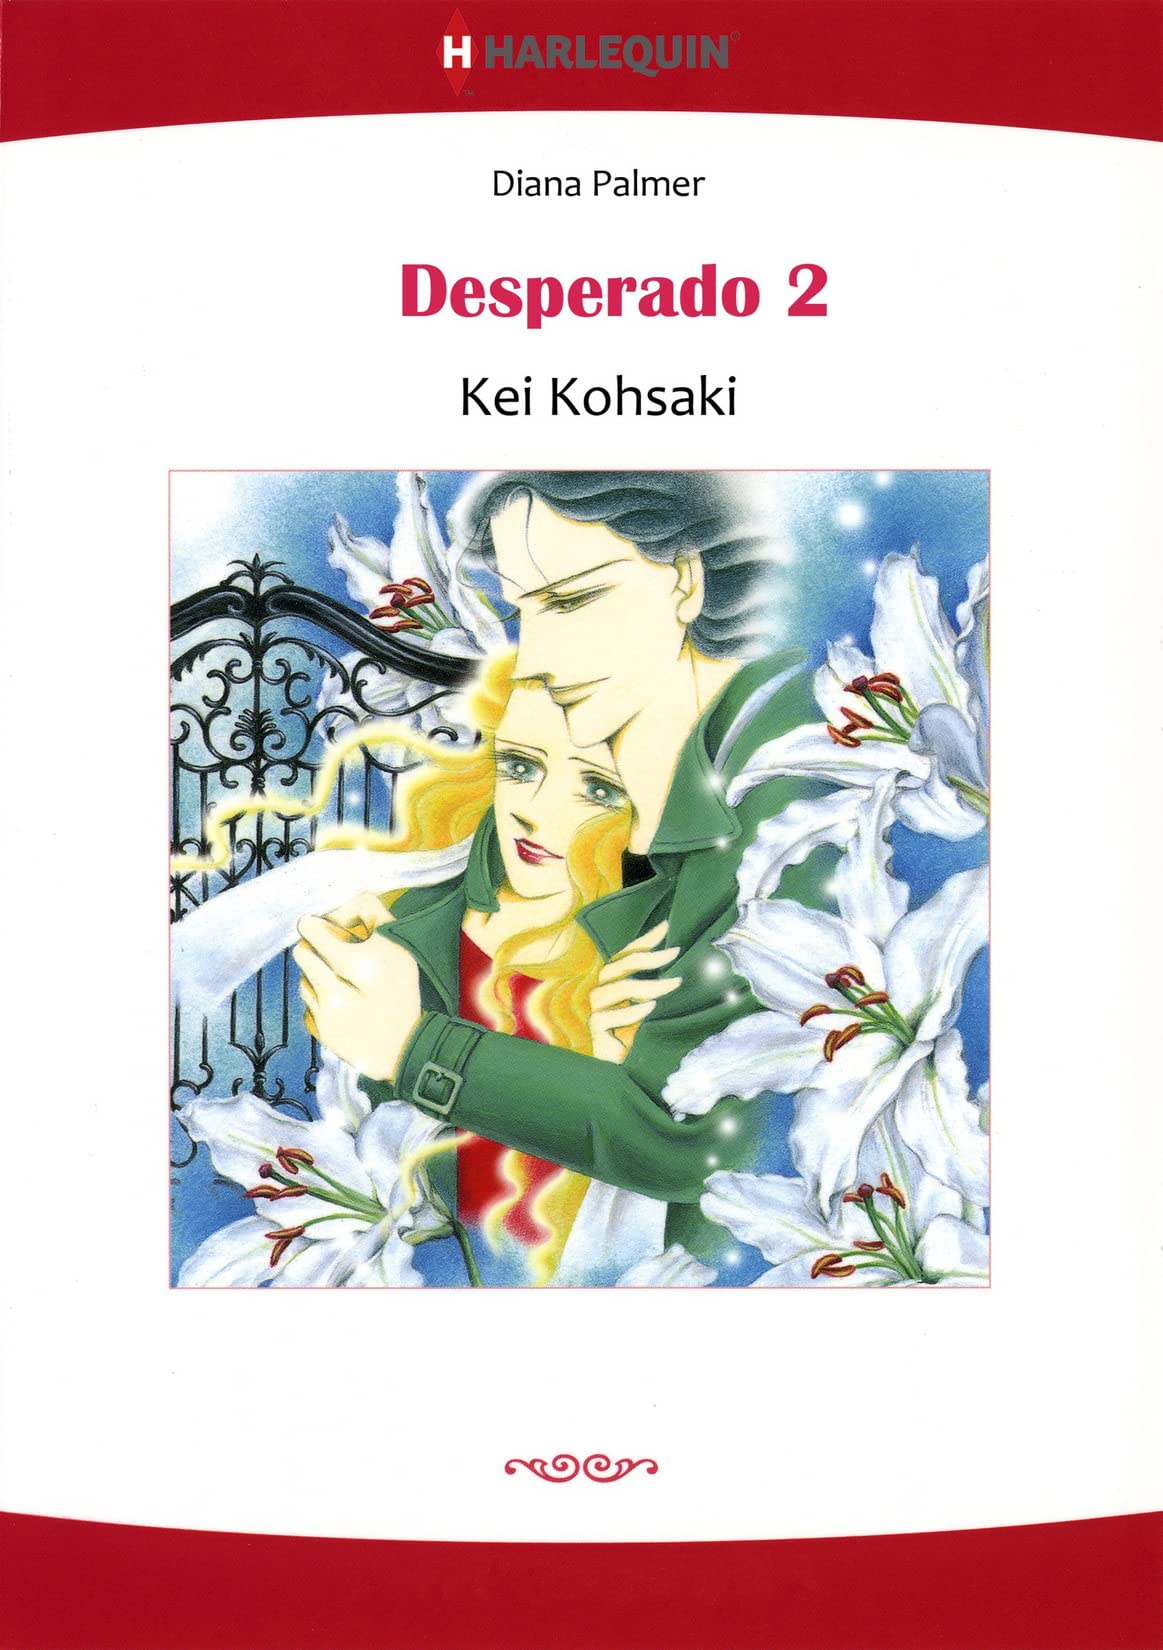 Desperado Vol. 2